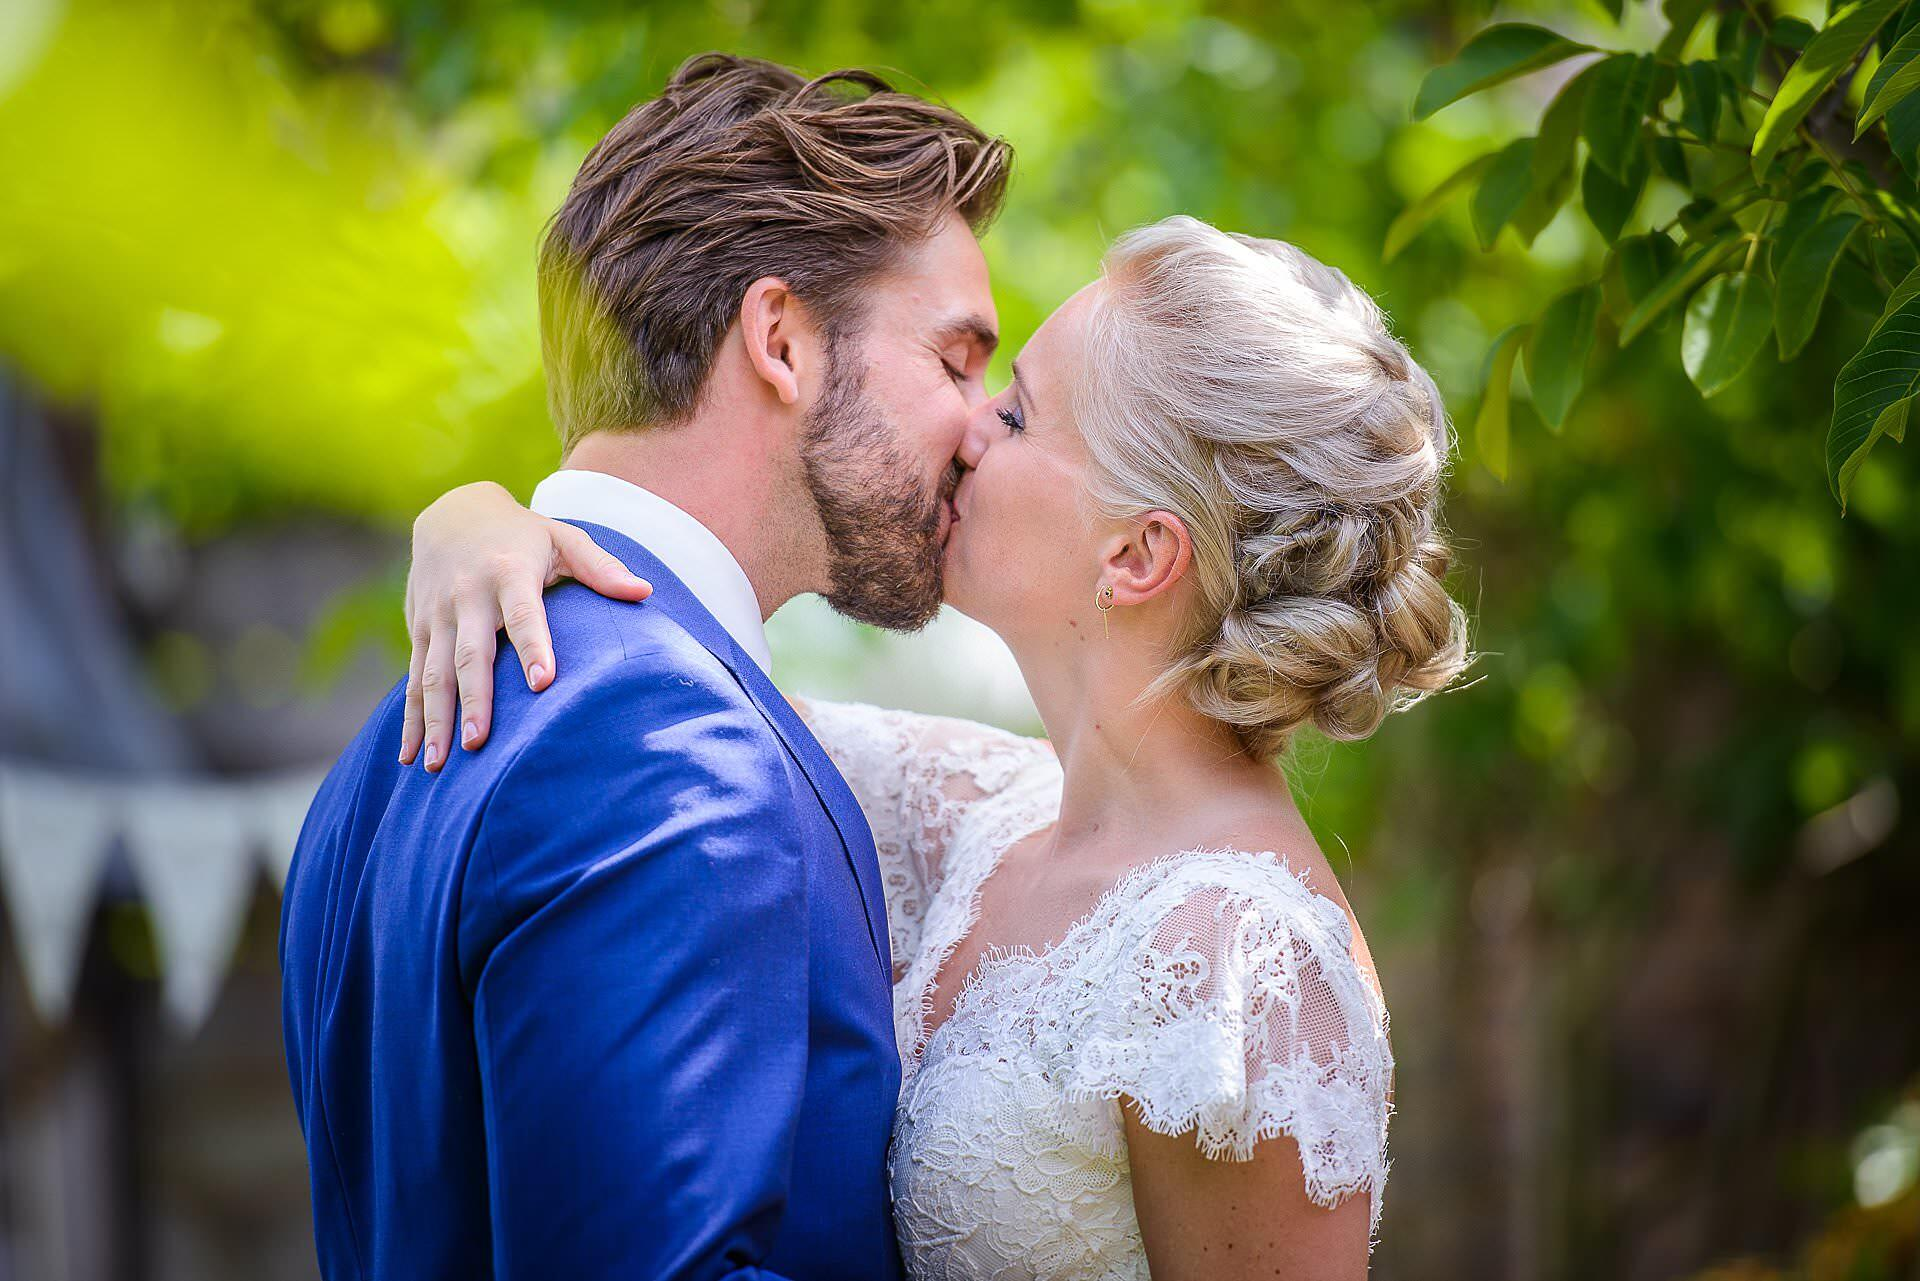 Bruiloftsfotografie-Gelderland-Noord-Brabant-door- Bruidsfotograaf-Sandy-Peters uit Herpen (Oss)